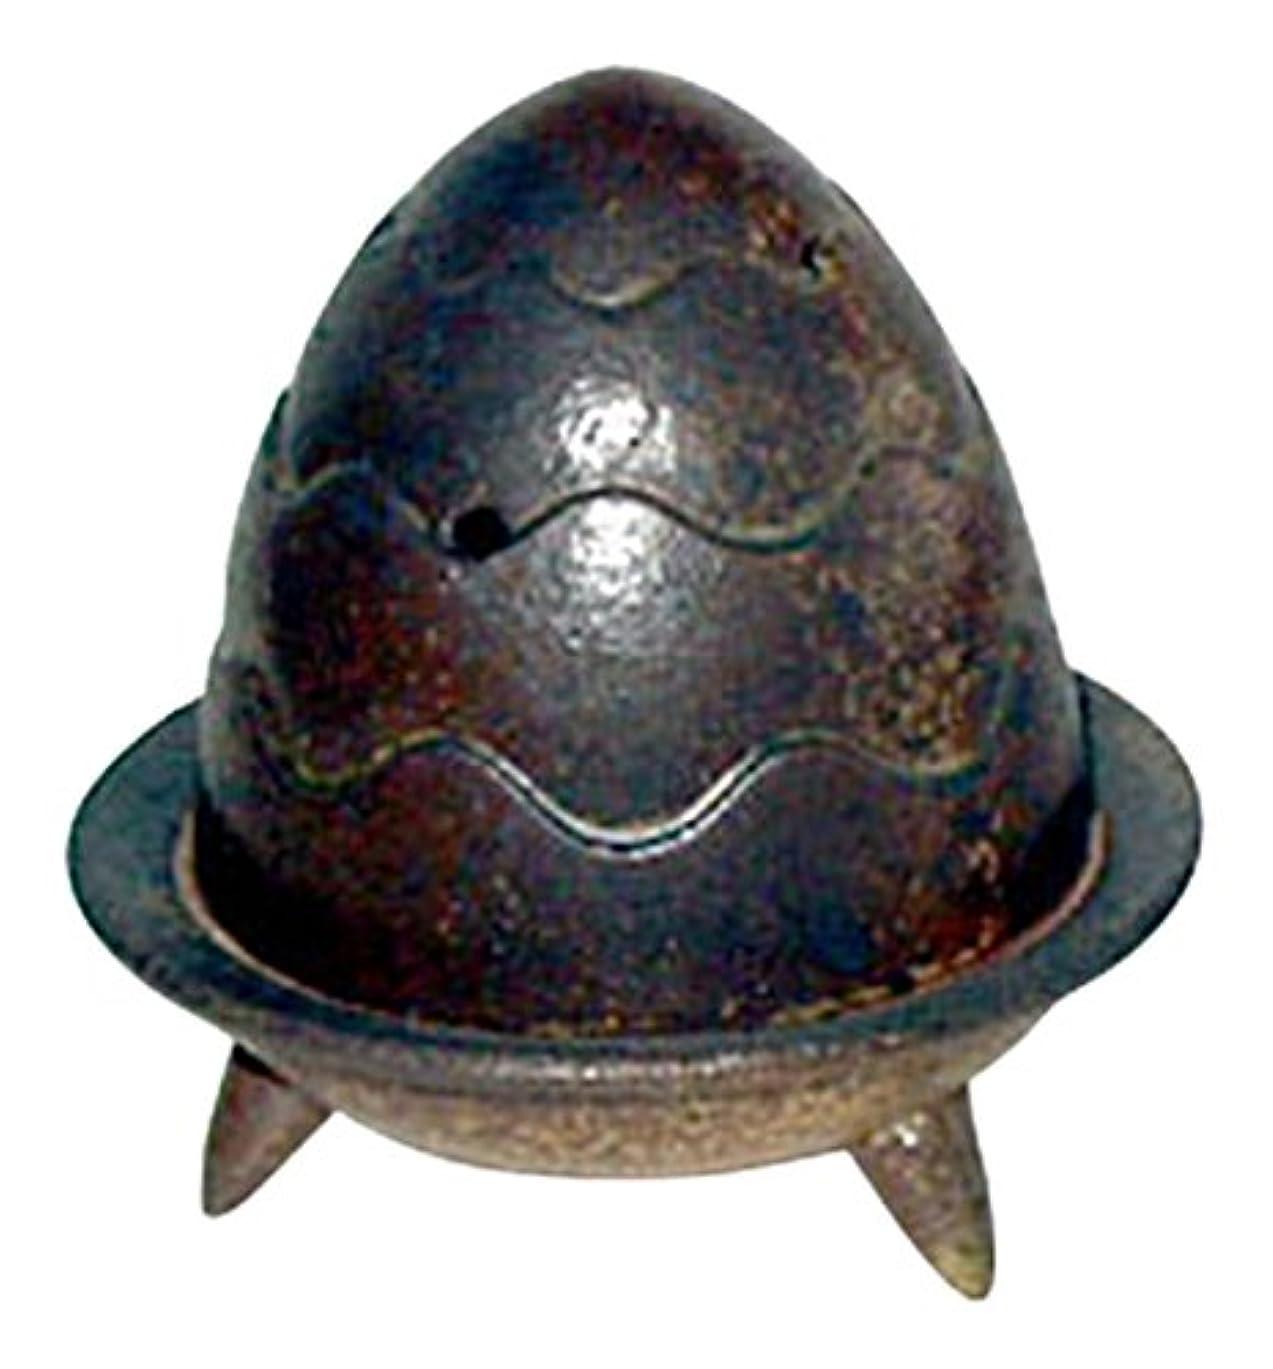 散髪グリル換気する香炉 おしゃれ : 有田焼 なでしこ 深3.0香炉(白) Japanese Incense burner porcelain/Size(cm) Φ8.8x5.8/No:780410